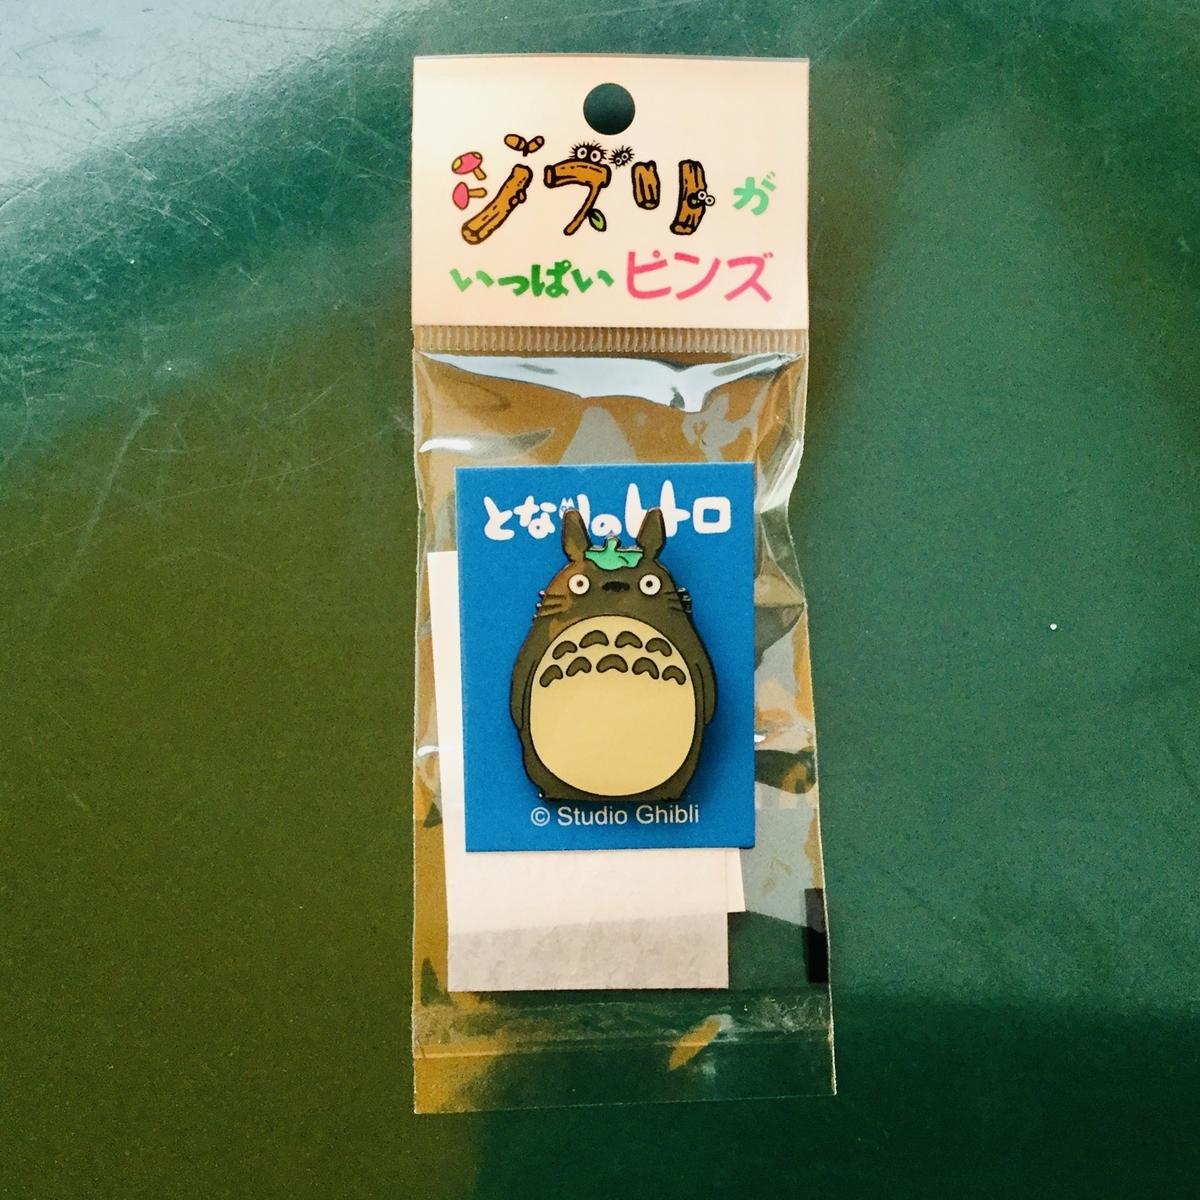 f:id:yumeusagiyukiusagi:20200220164159j:plain